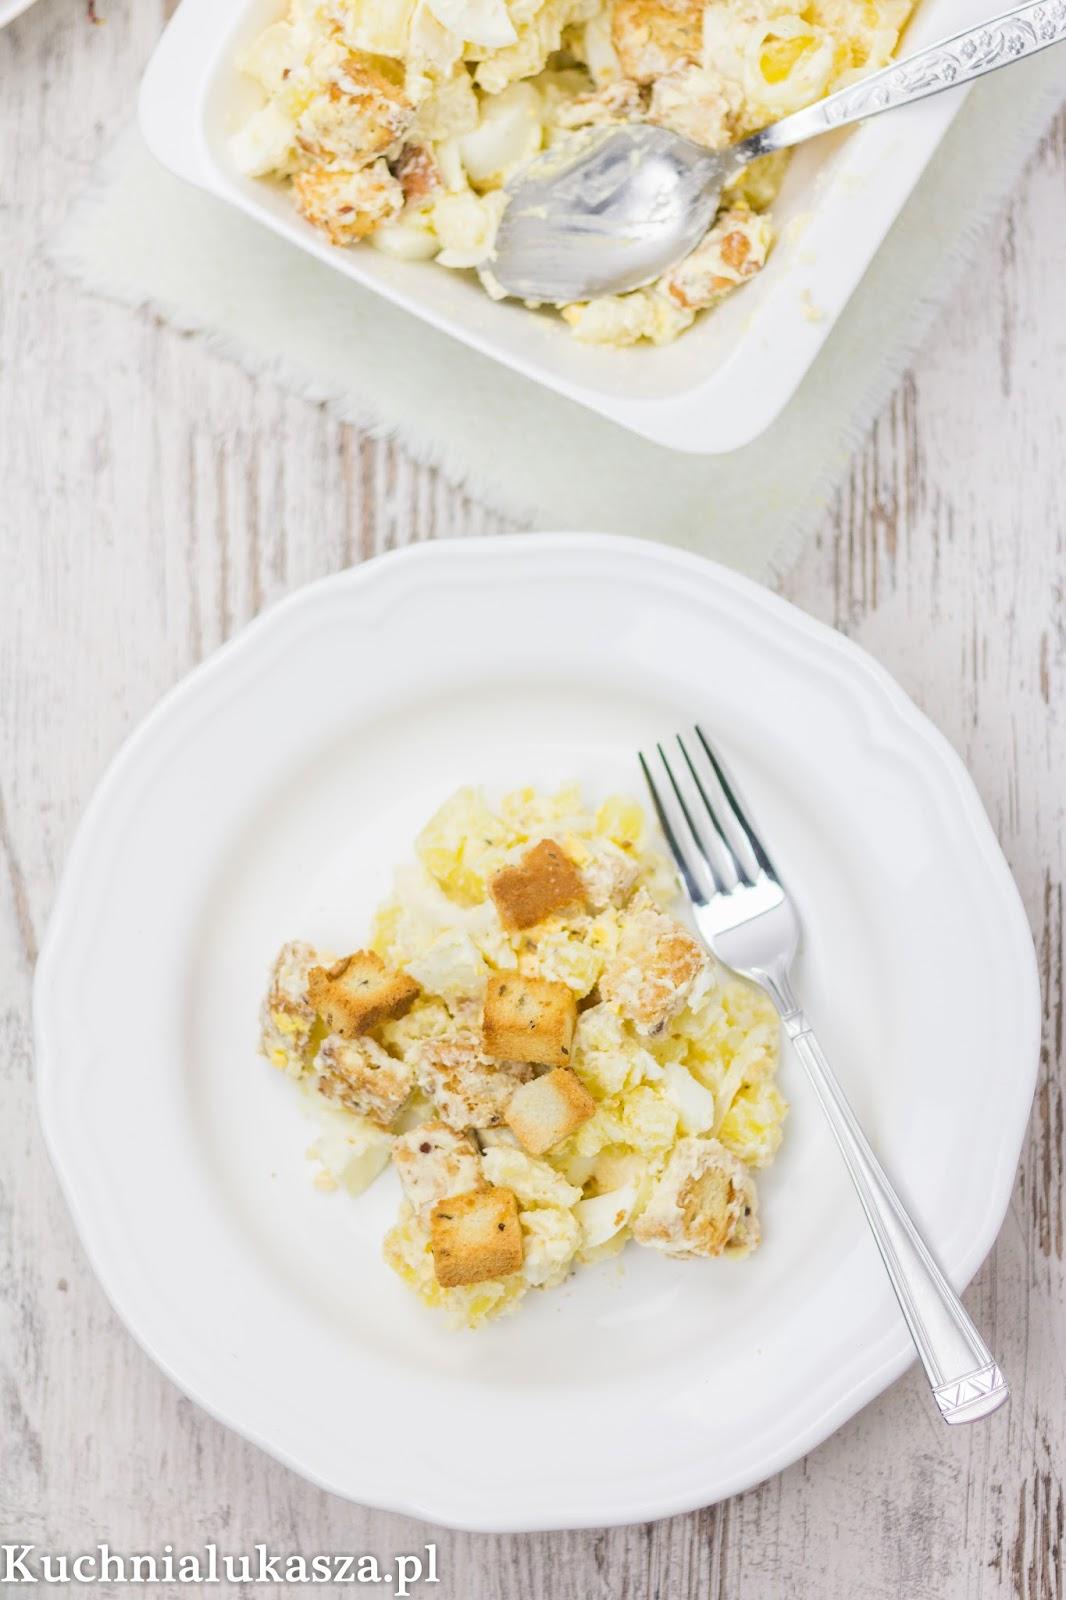 Salatka ziemniaczana z jajkiem